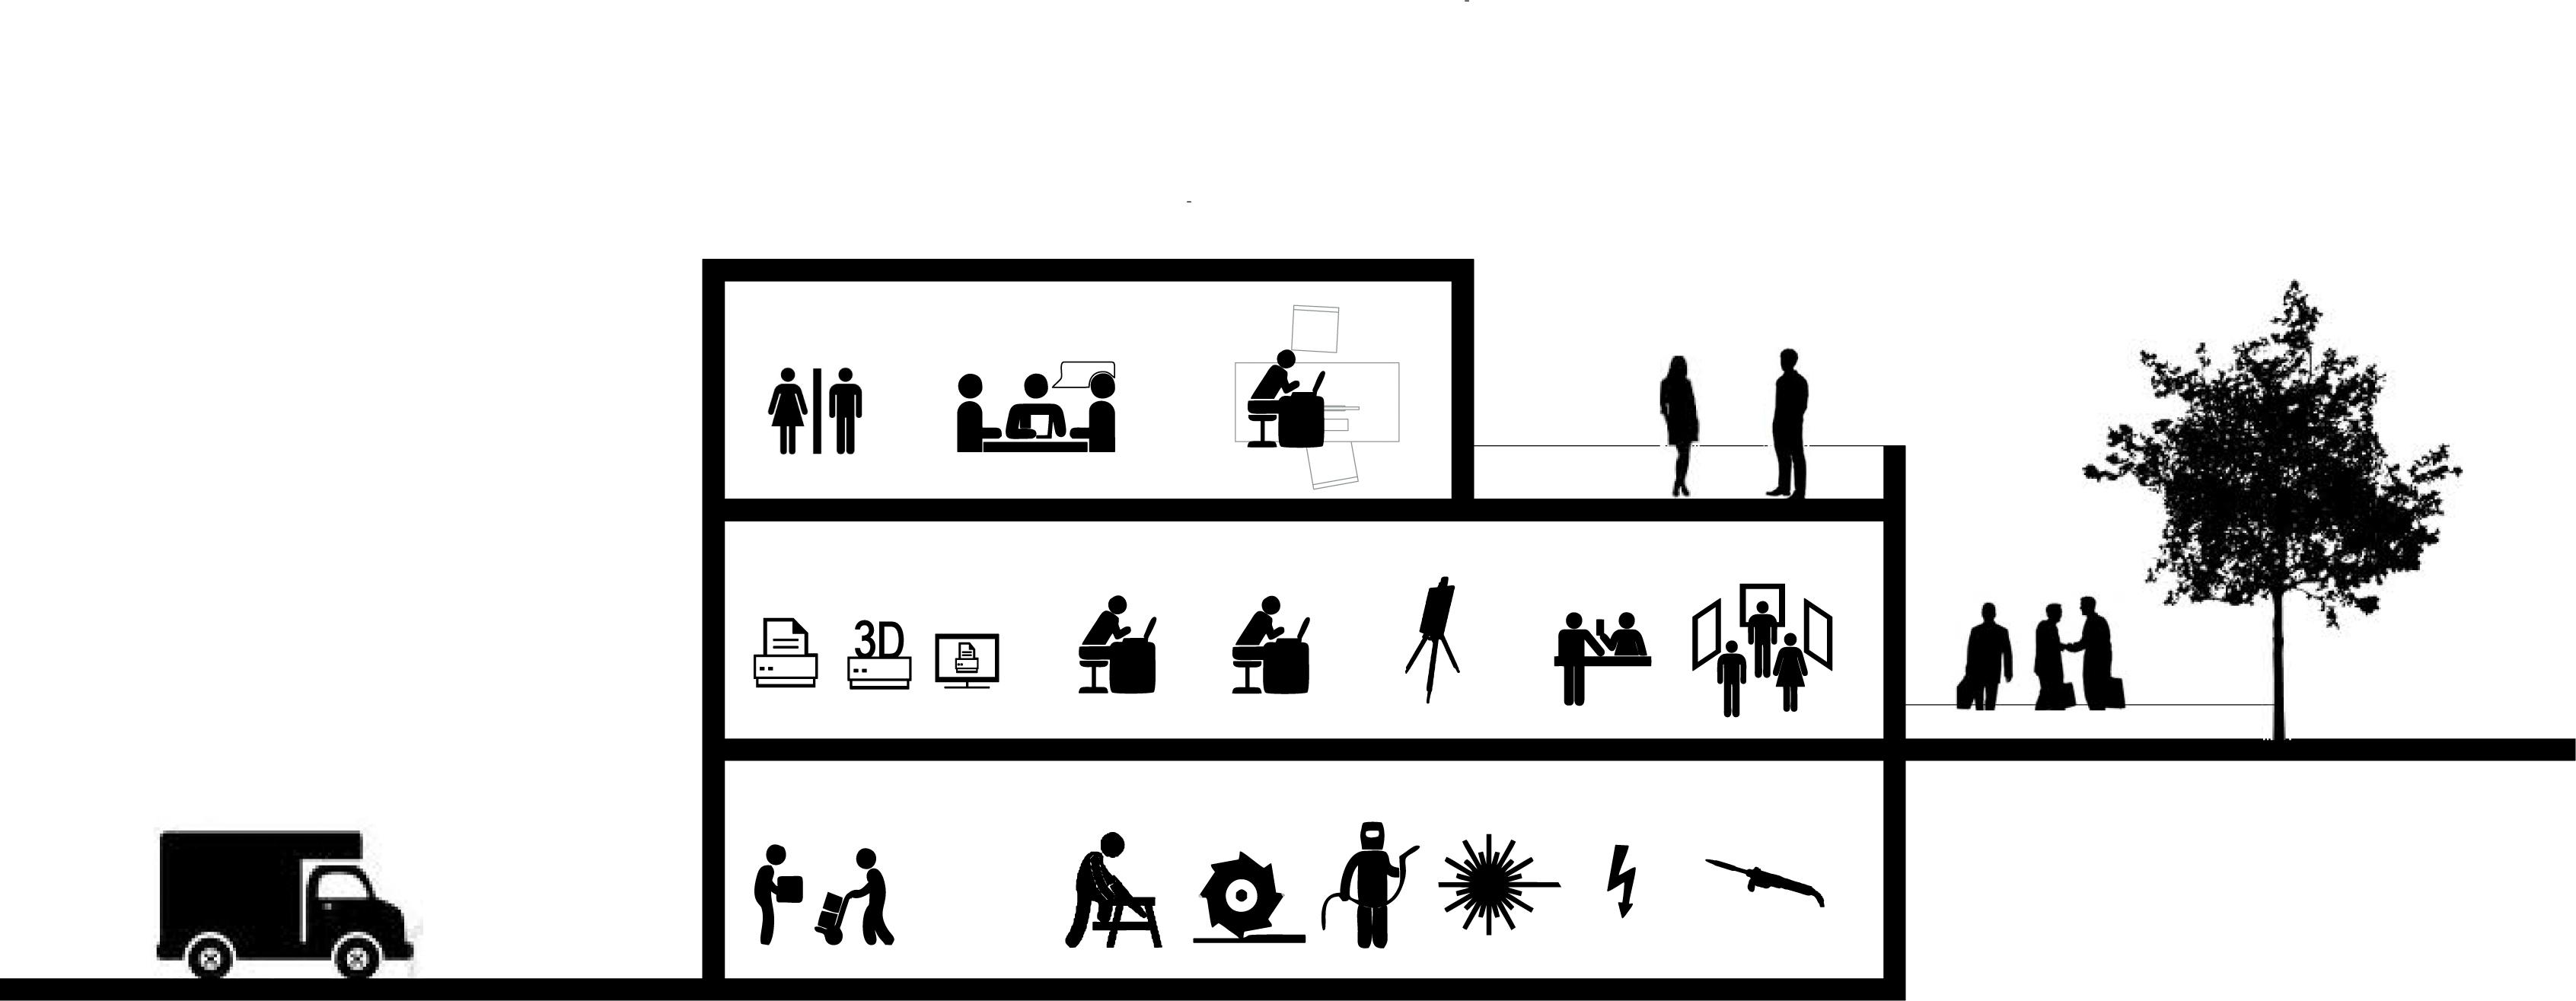 open-innovation-hub